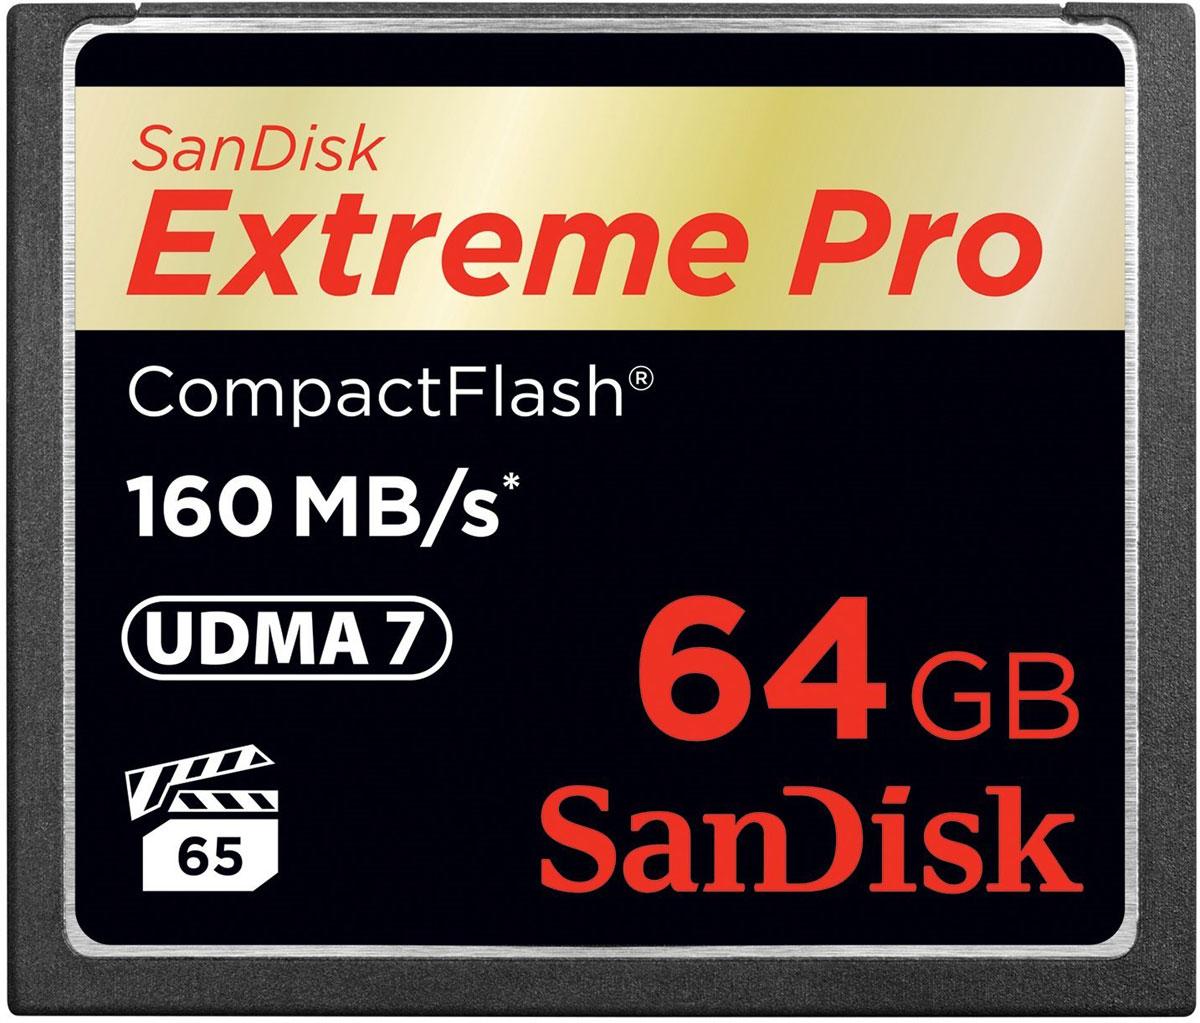 SanDisk Extreme Pro CompactFlash 64GB карта памятиSDCFXPS-064G-X46Карты памяти SanDisk Extreme PRO CompactFlash представляют собой высокопроизводительные устройства большой емкости, рассчитанные на съемку кинематографического видео. Скорость передачи данных до 160 МБ/с обеспечивает высокую производительность и эффективность, которые следует ожидать от продукции мирового лидера в сфере флеш-памяти. Эти передовые карты памяти оптимизированы для профессиональной видеосъемки и гарантируют минимальную устойчивую скорость записи 65 МБ/с для съемки видео в форматах 4K и Full HD. Емкости до 256 ГБ достаточно для хранения нескольких часов видео и тысяч изображений высокого разрешения. Чтобы вы не упустили ни одного важного момента, мы сделали эту карту памяти невосприимчивой к экстремальным температурам, ударам и другим испытаниям судьбы. Благодаря высокой надежности и быстродействию этой карты памяти вы сможете снимать быстрее, работать продуктивнее, а также в большей мере раскрывать потенциал новейших функций, таких...